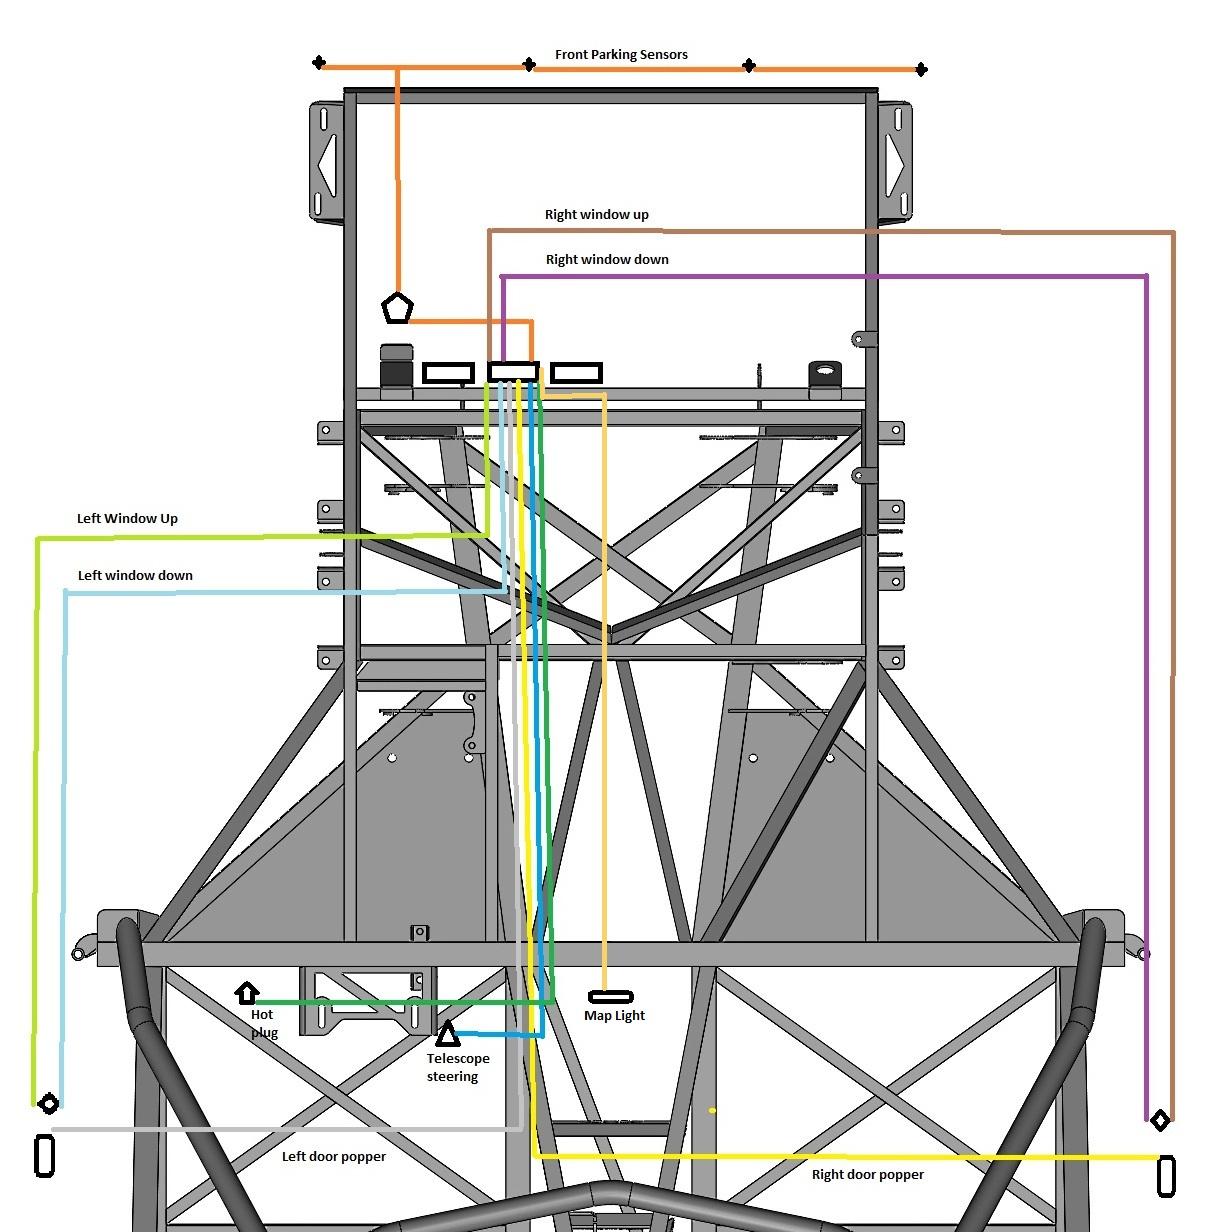 medium resolution of power cell 3 wiring fb super car build power door popper wiring diagram